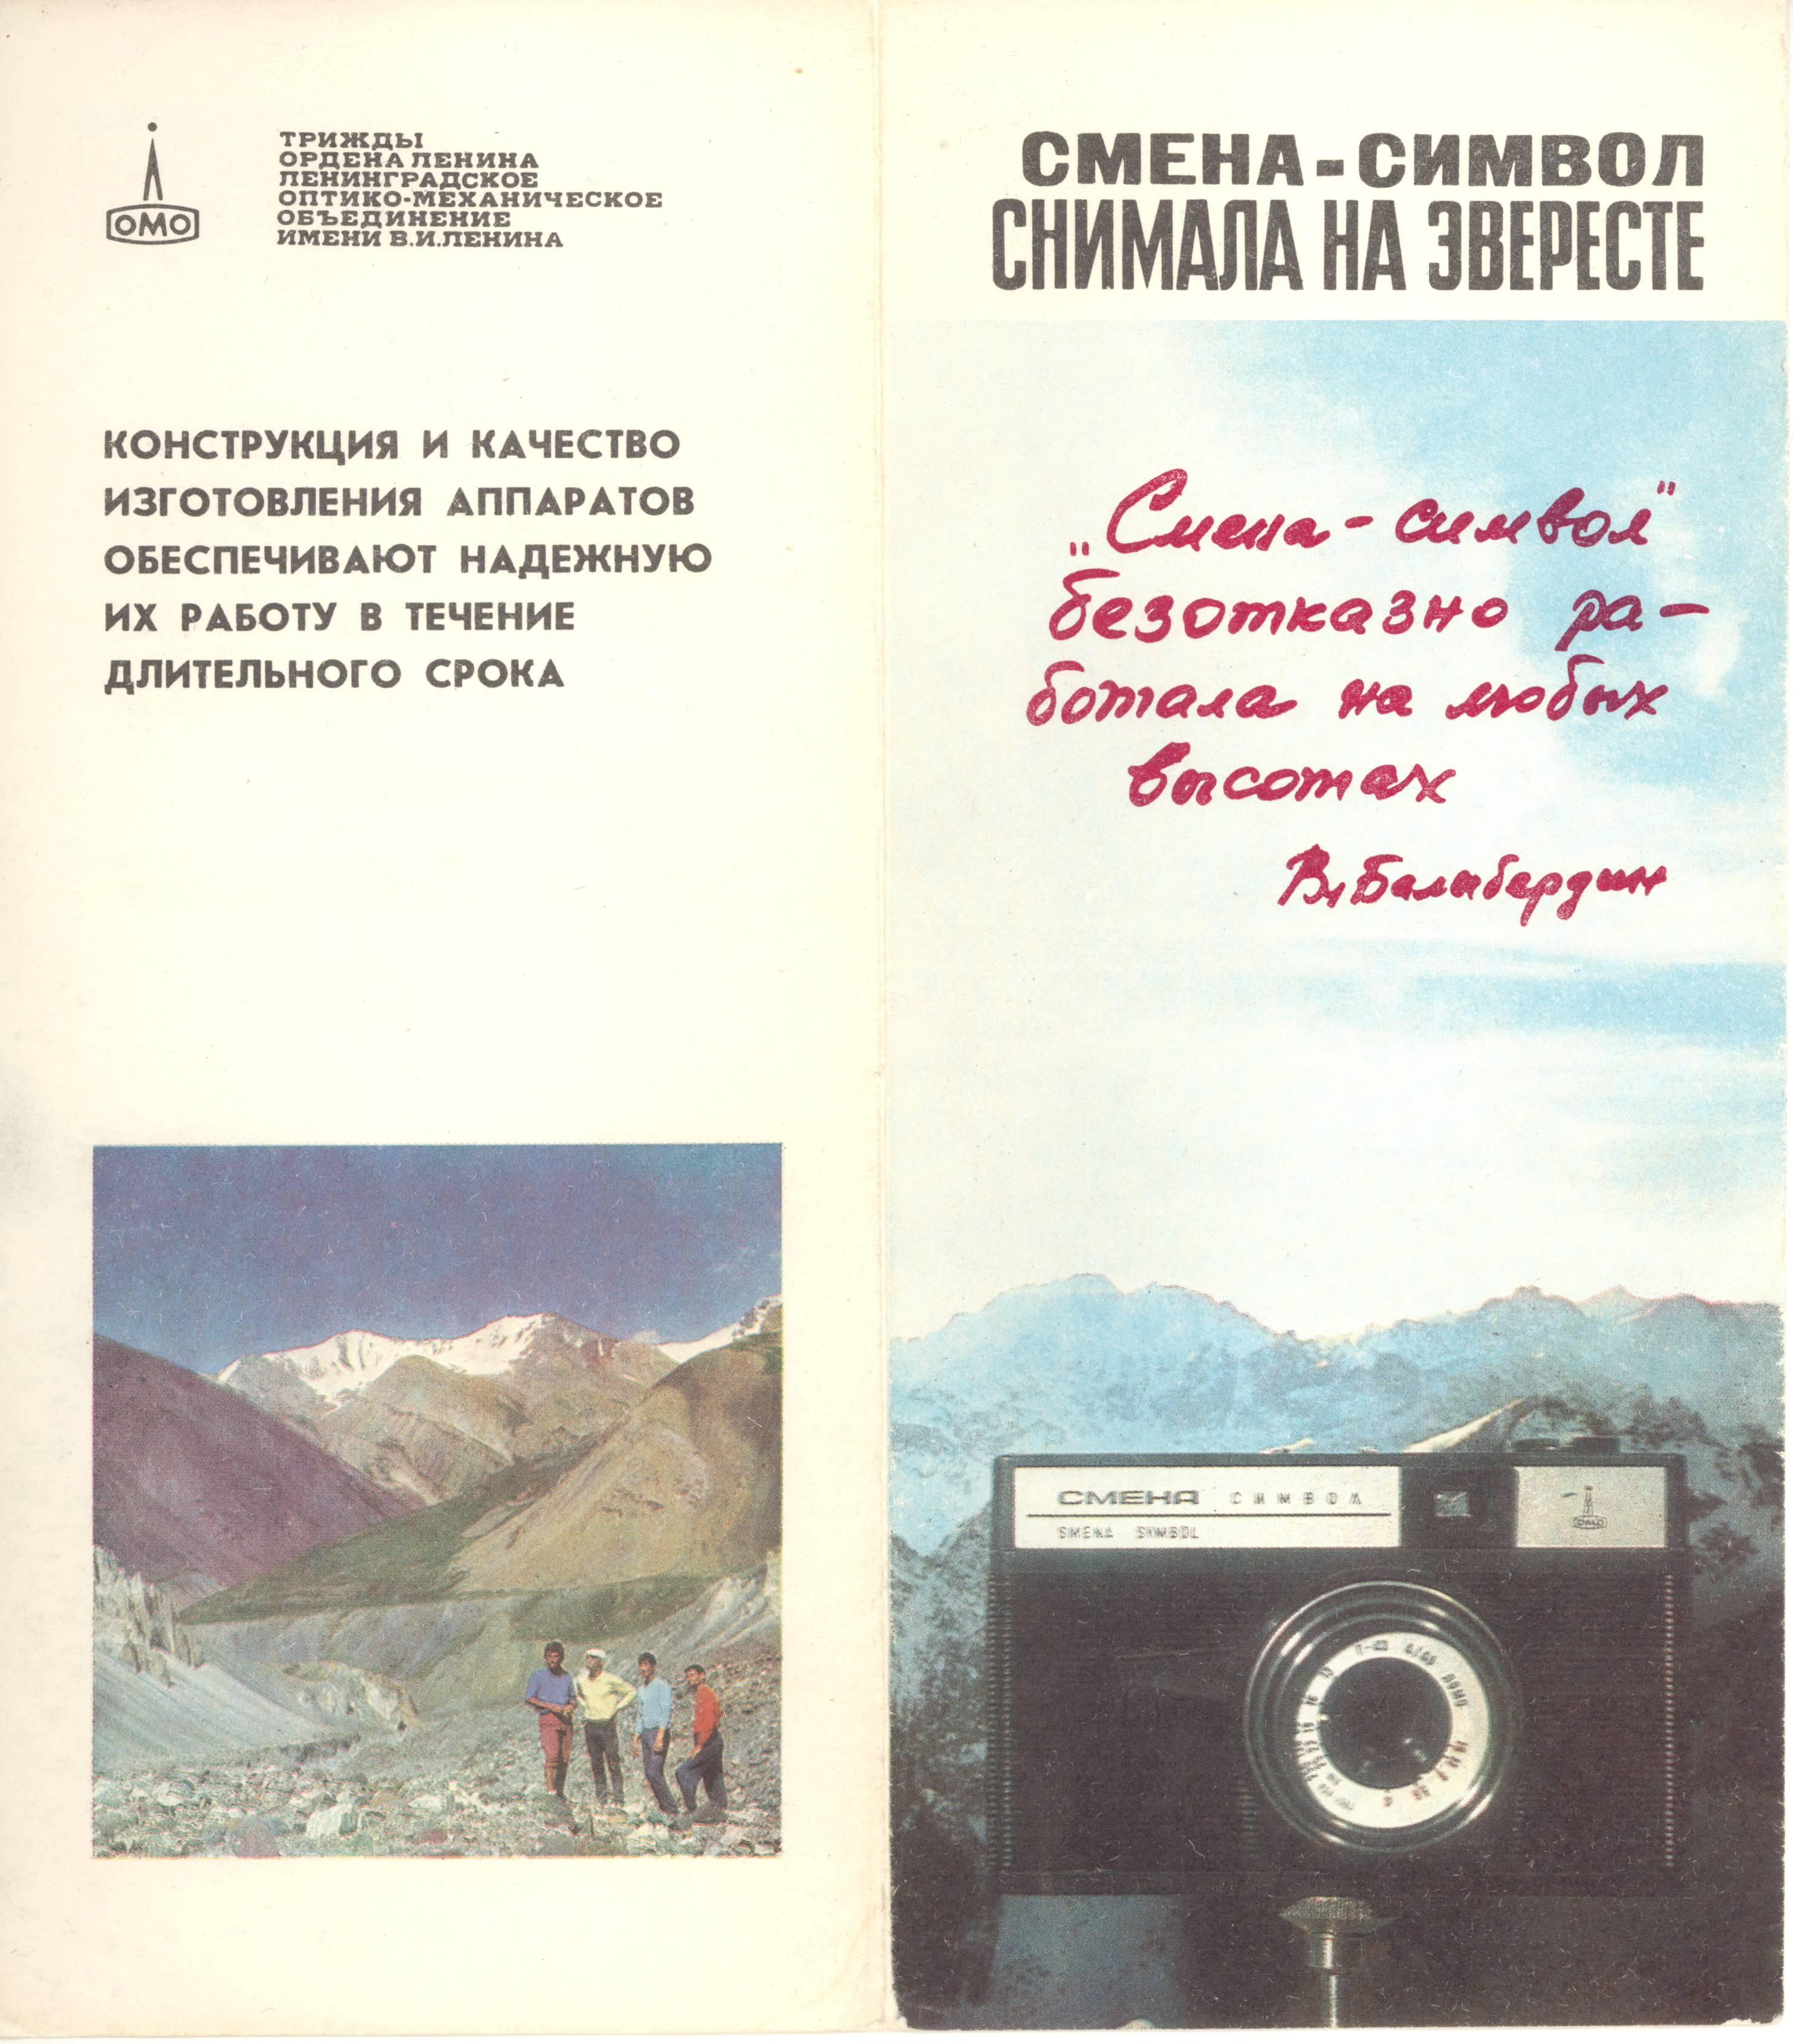 Lomo Smena Symbol brochure (Pic: Lomo)